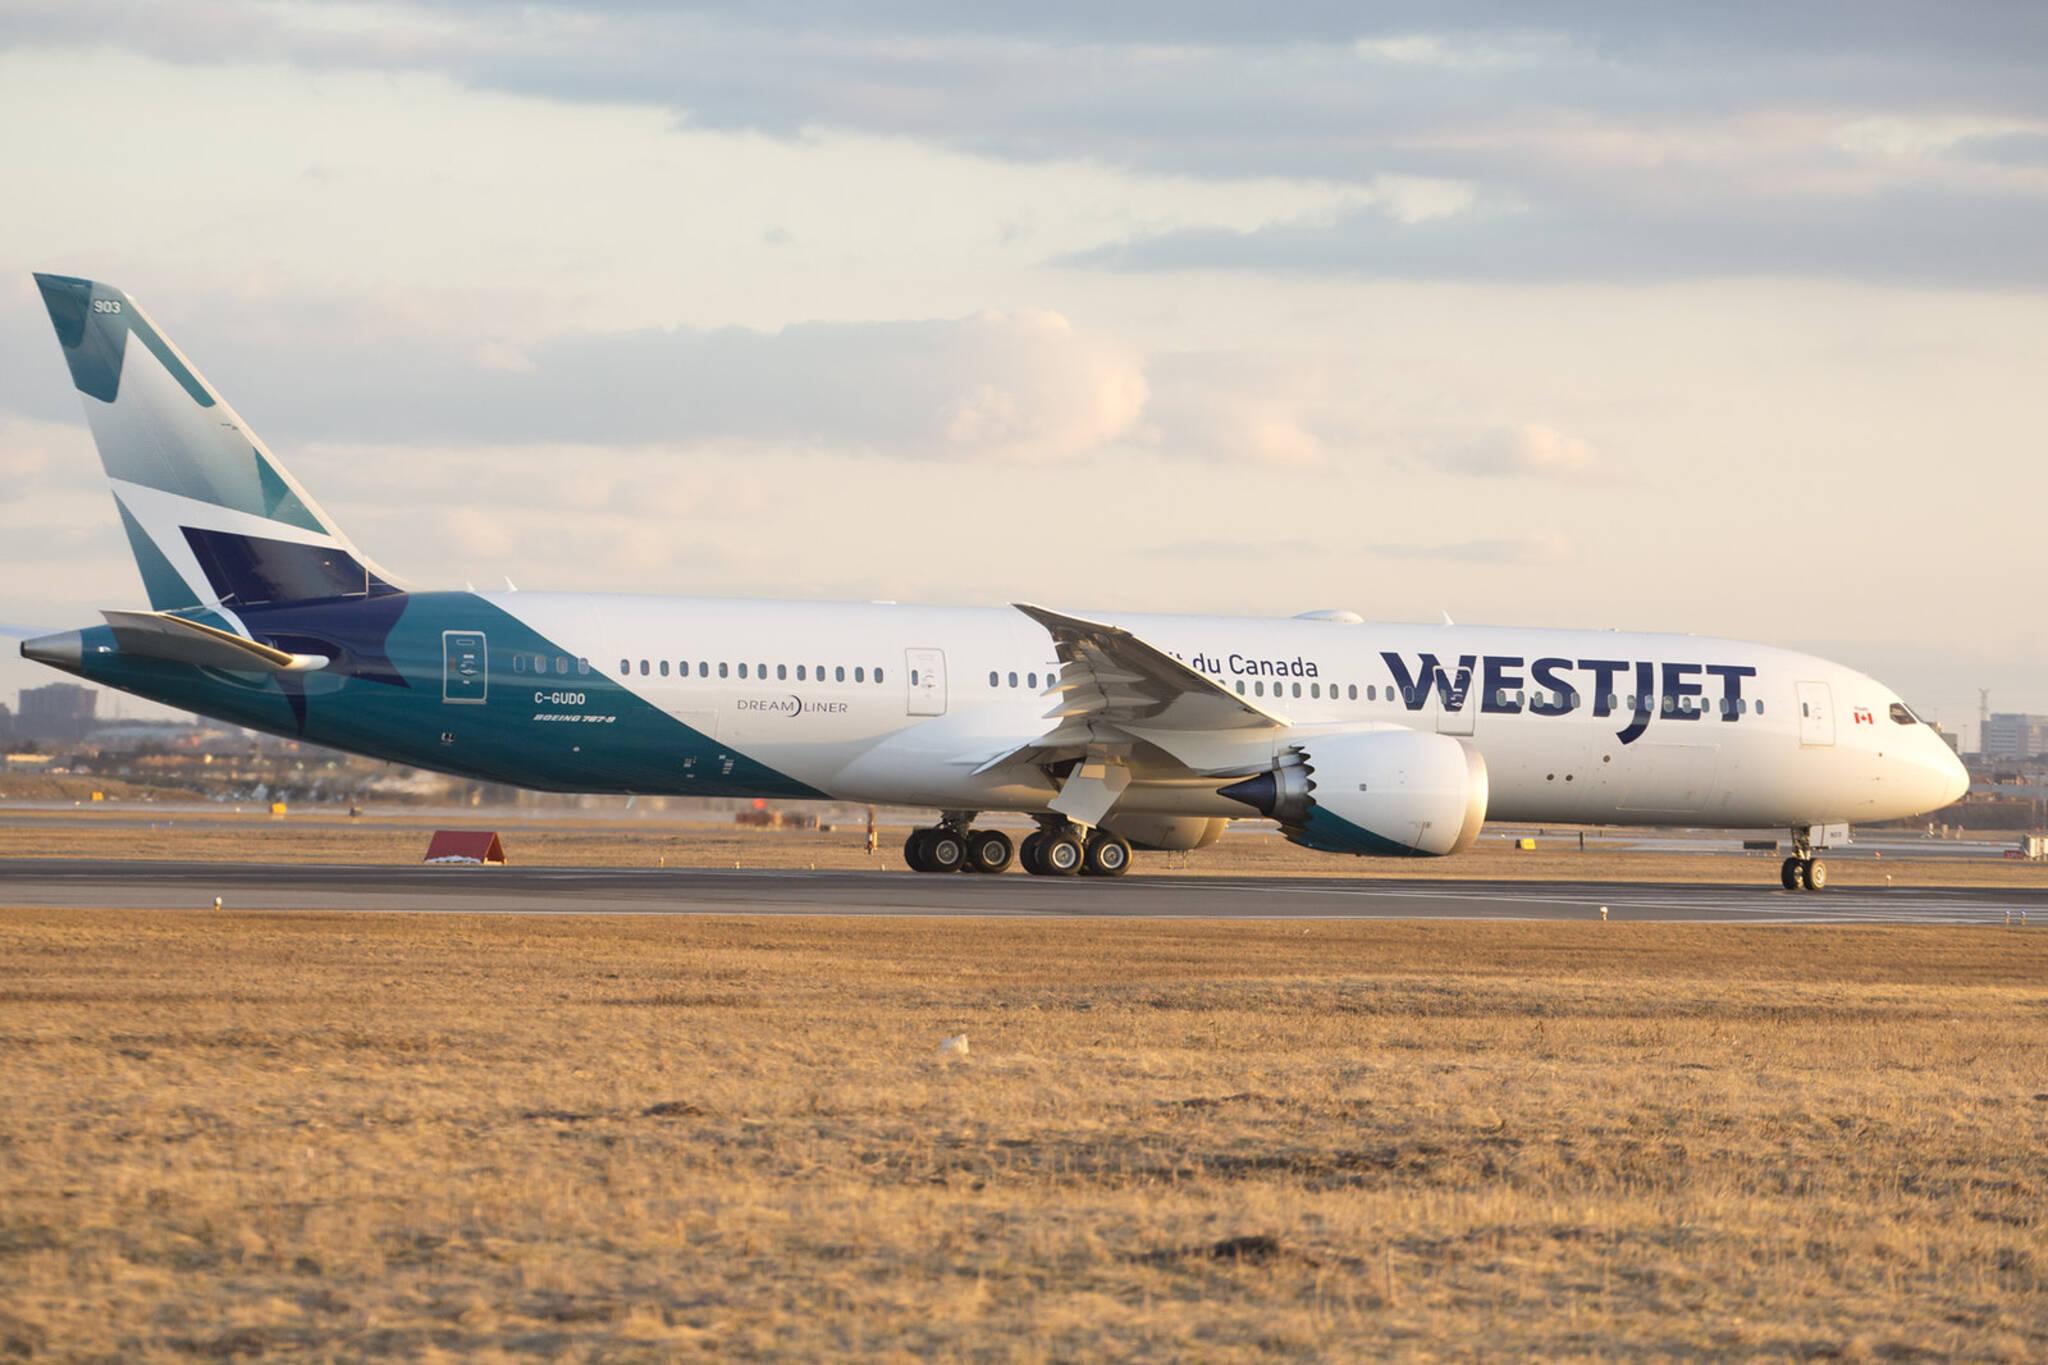 westjet onex